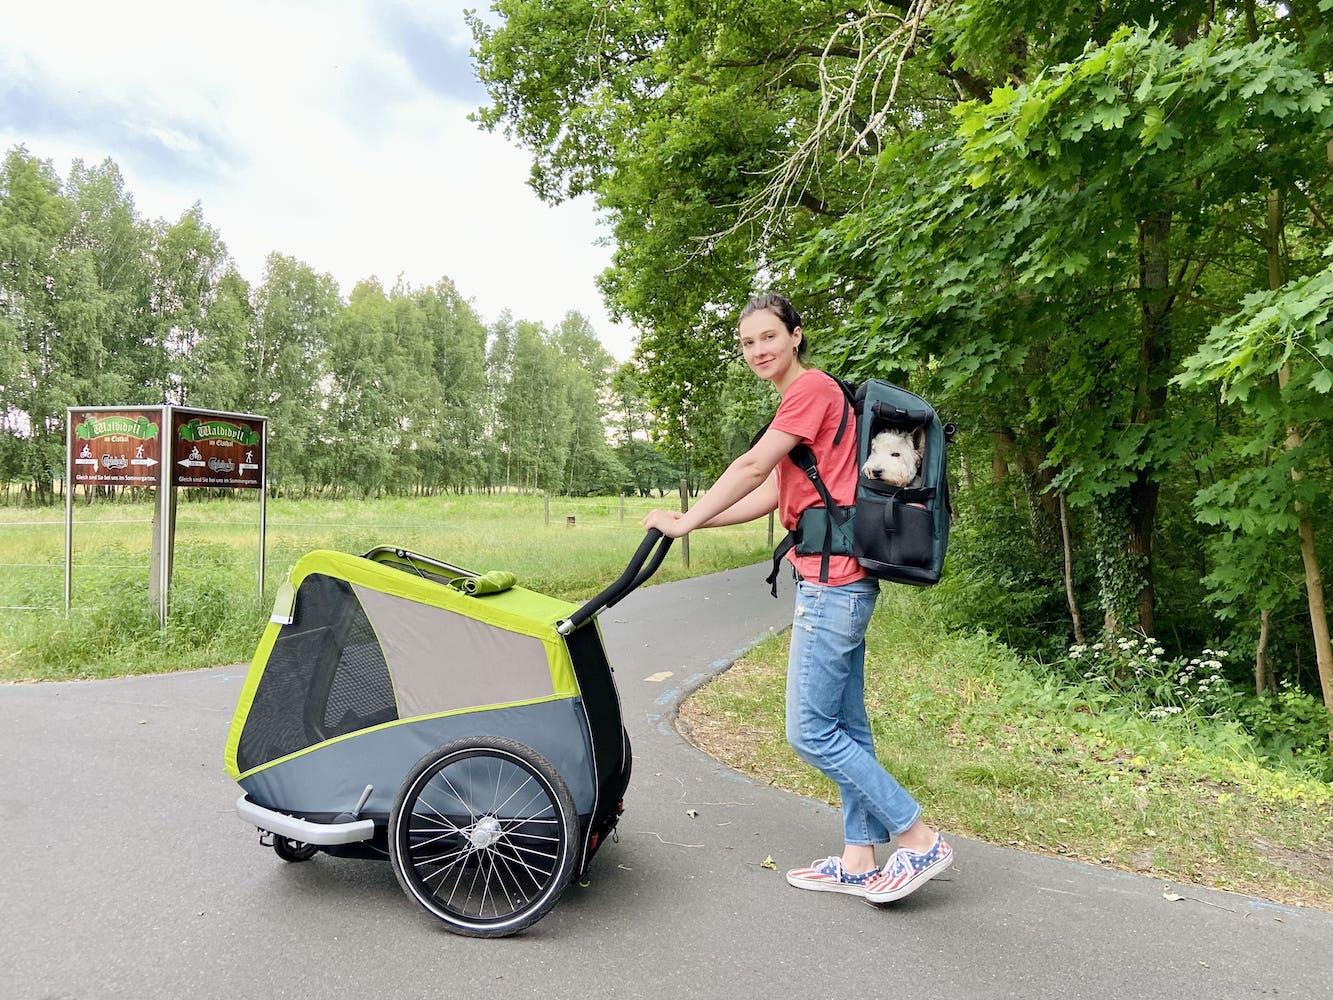 Dog carrier backpack vs pet stroller